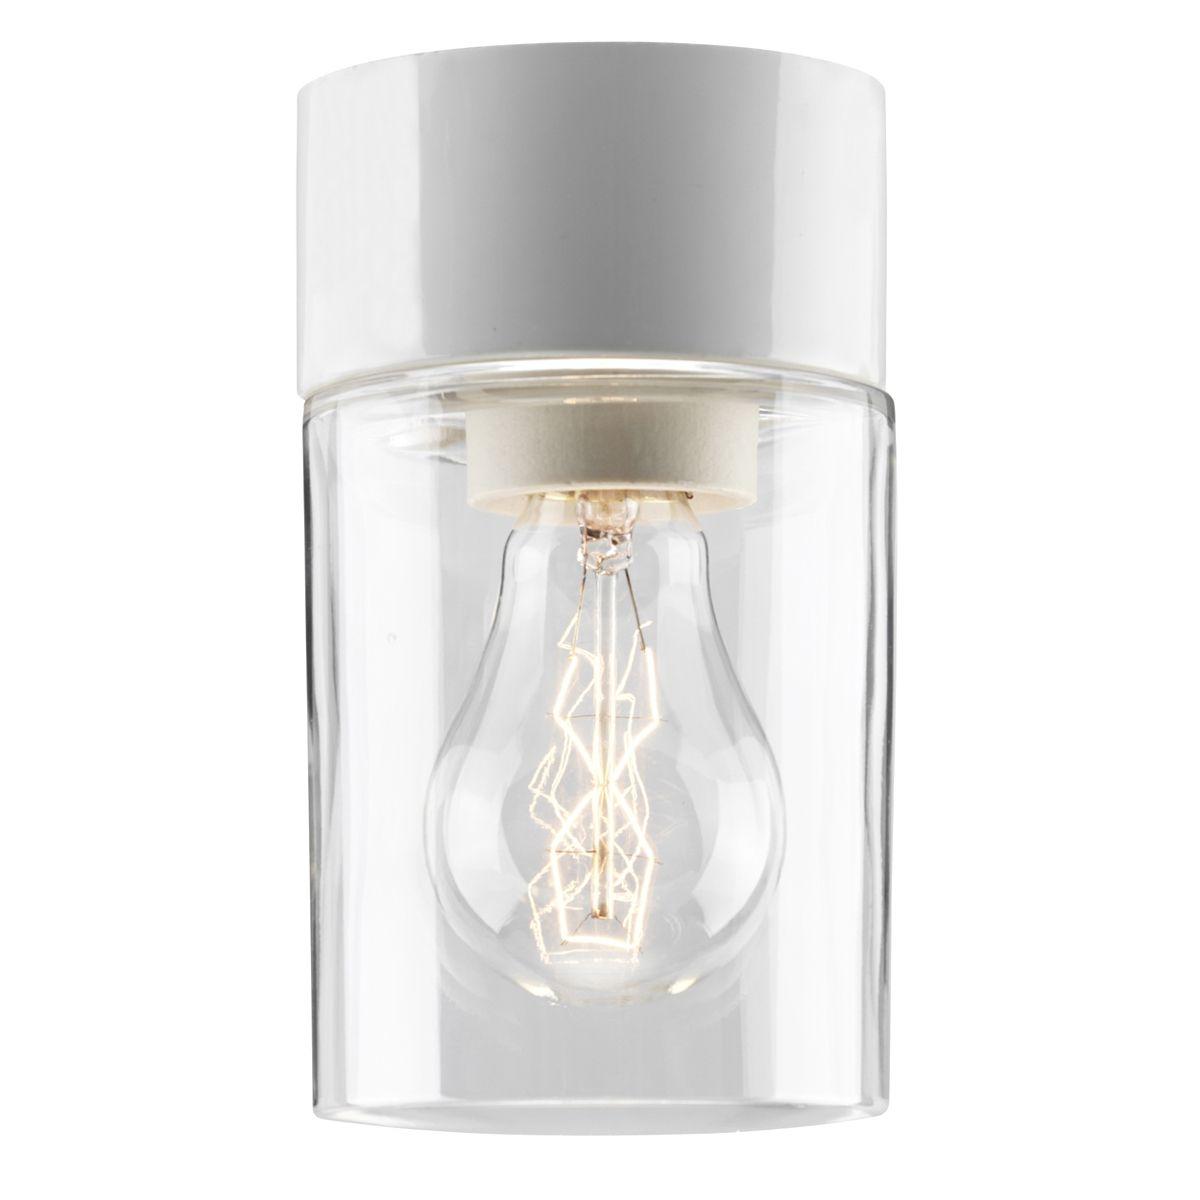 Plafonnier cylindrique au design minimaliste pour salle de bains et sauna lampe en c ramique et - Lampe de salle de bain ...